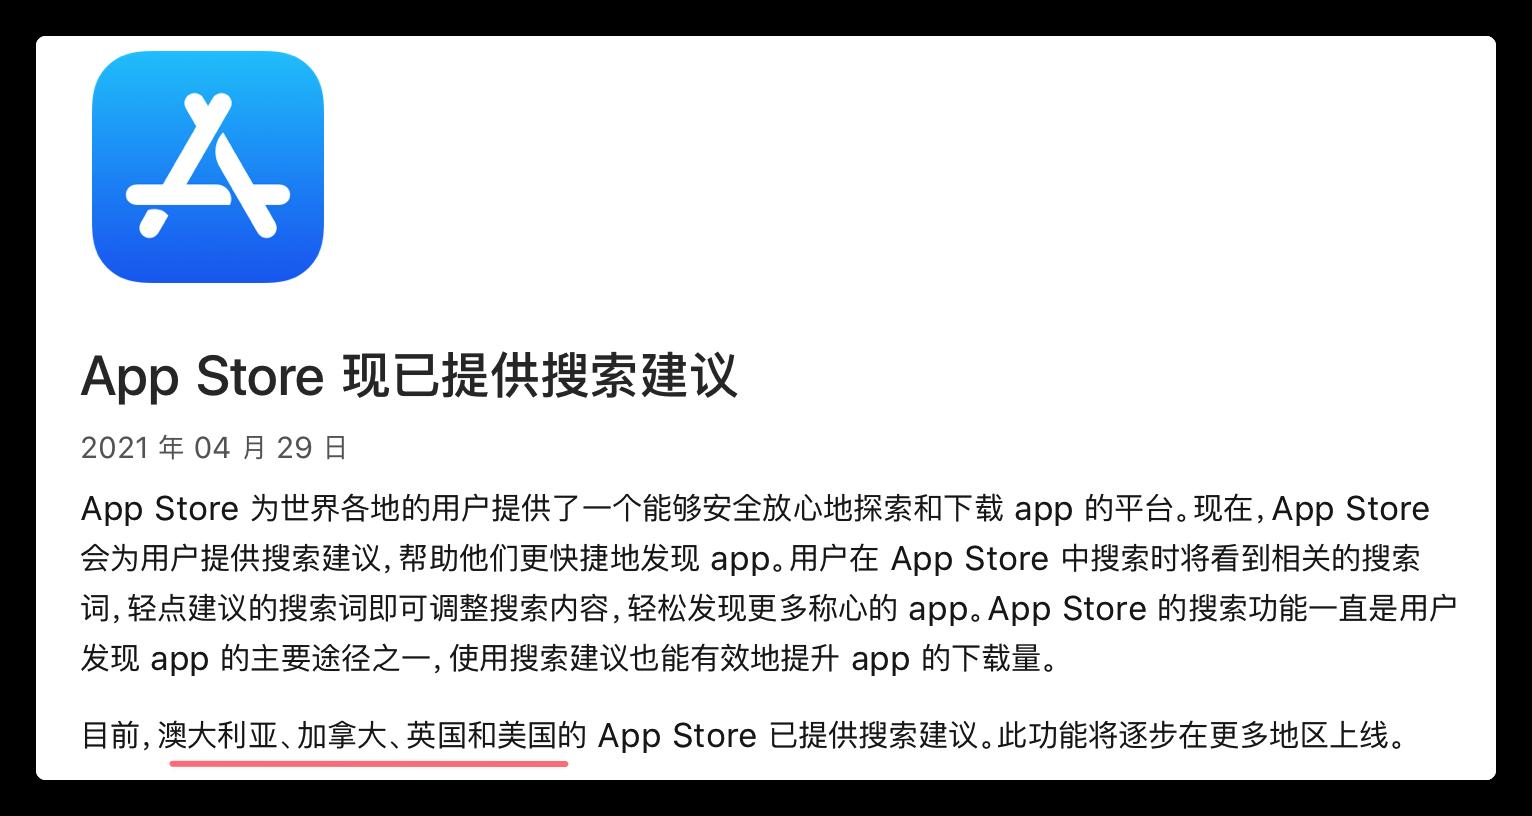 App Store 搜索的优化——关键字排名